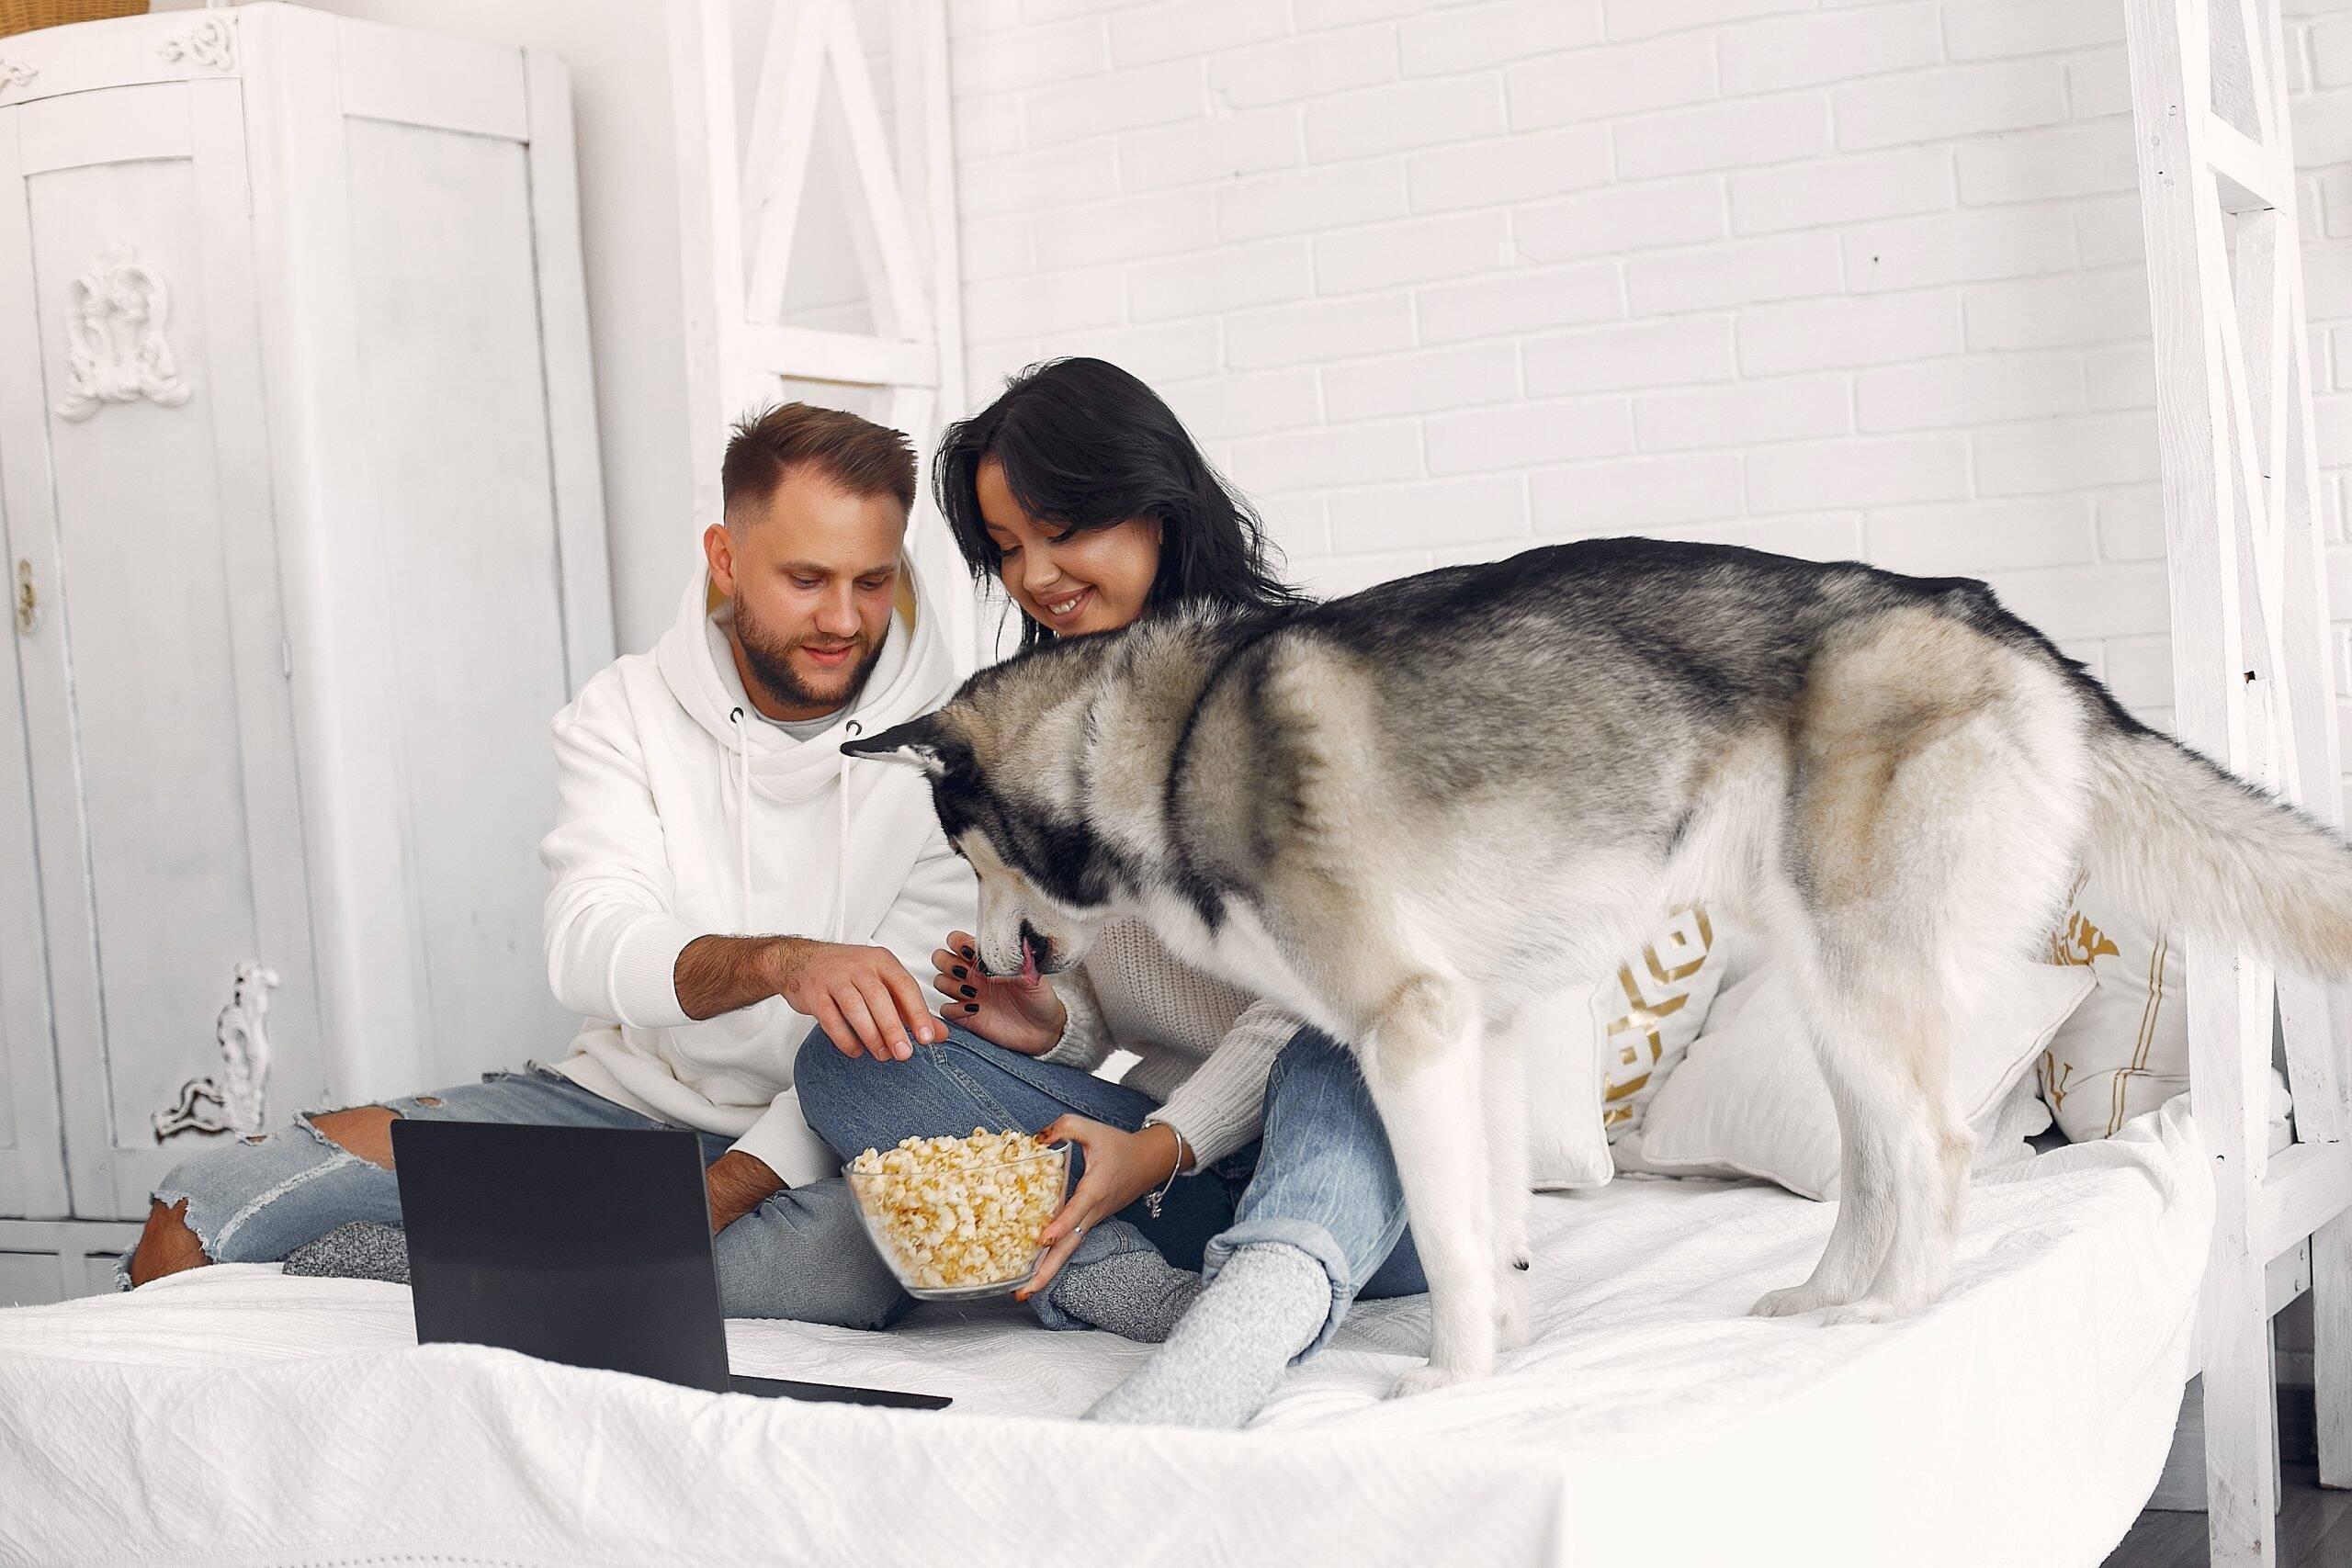 Cães podem comer pipoca? Veja o que os veterinários têm a dizer